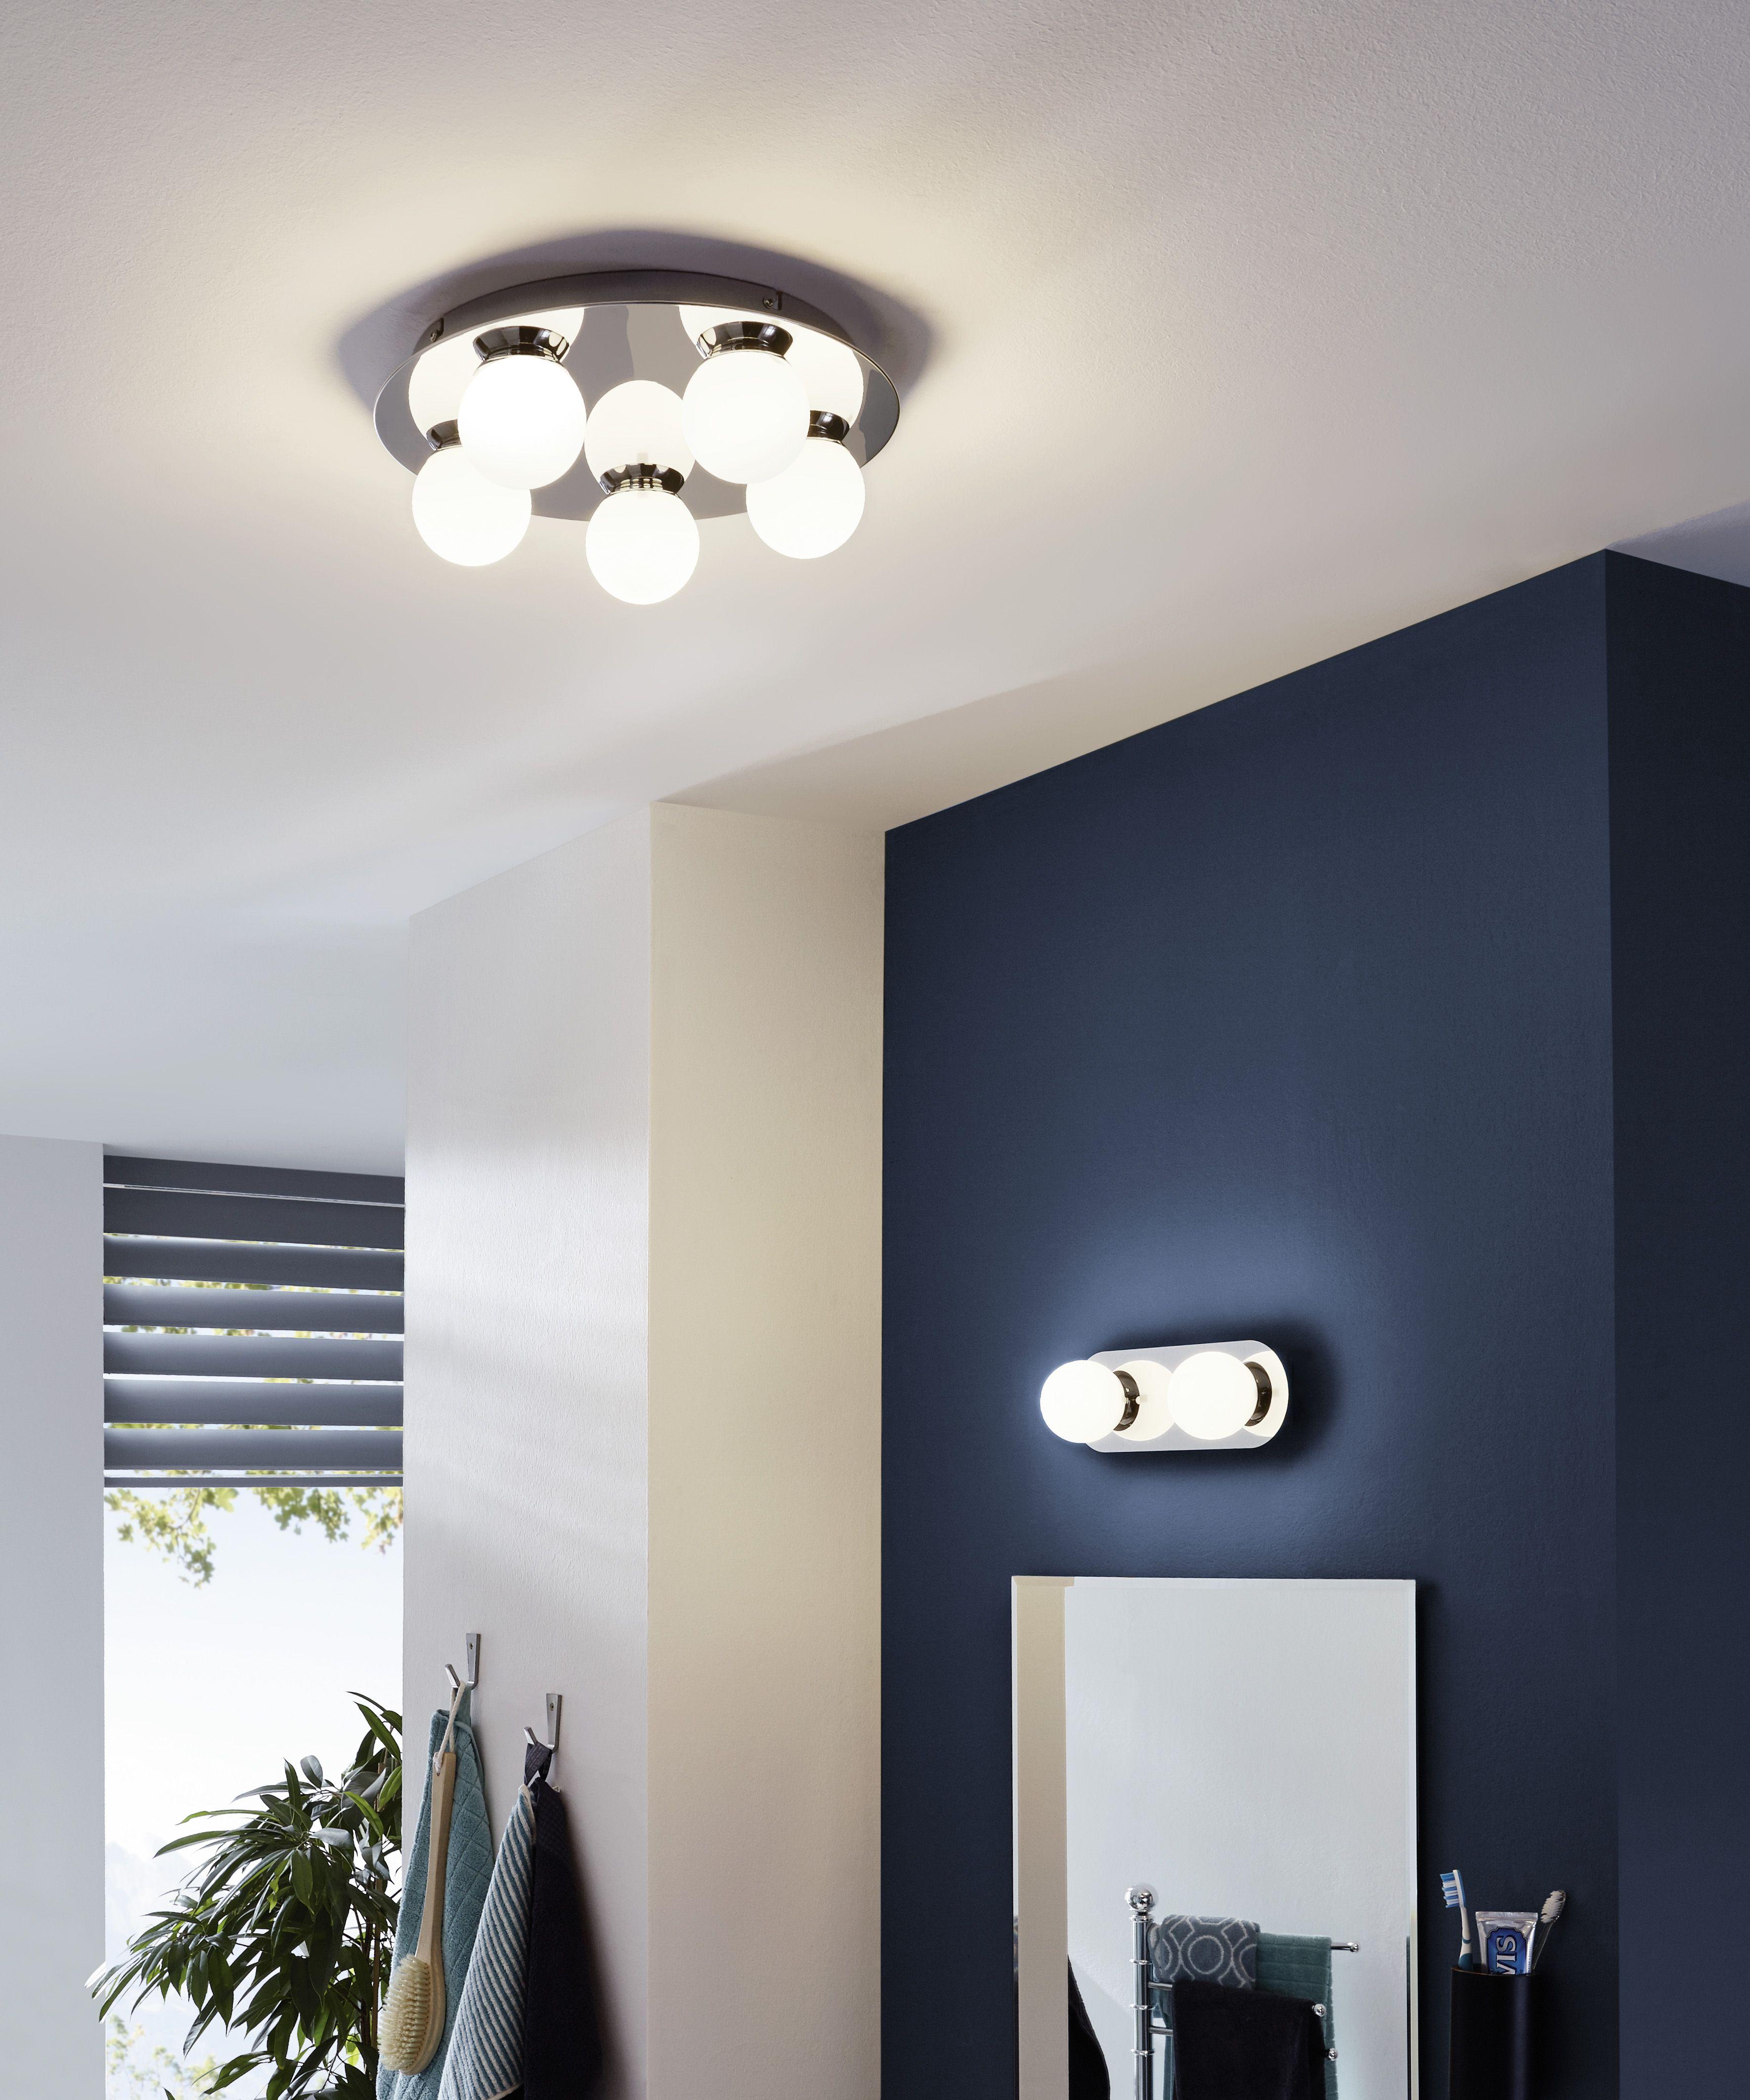 Eglo Lighting / Mosiano / LED Polished Chrome Bathroom 5 Lamp Round ...